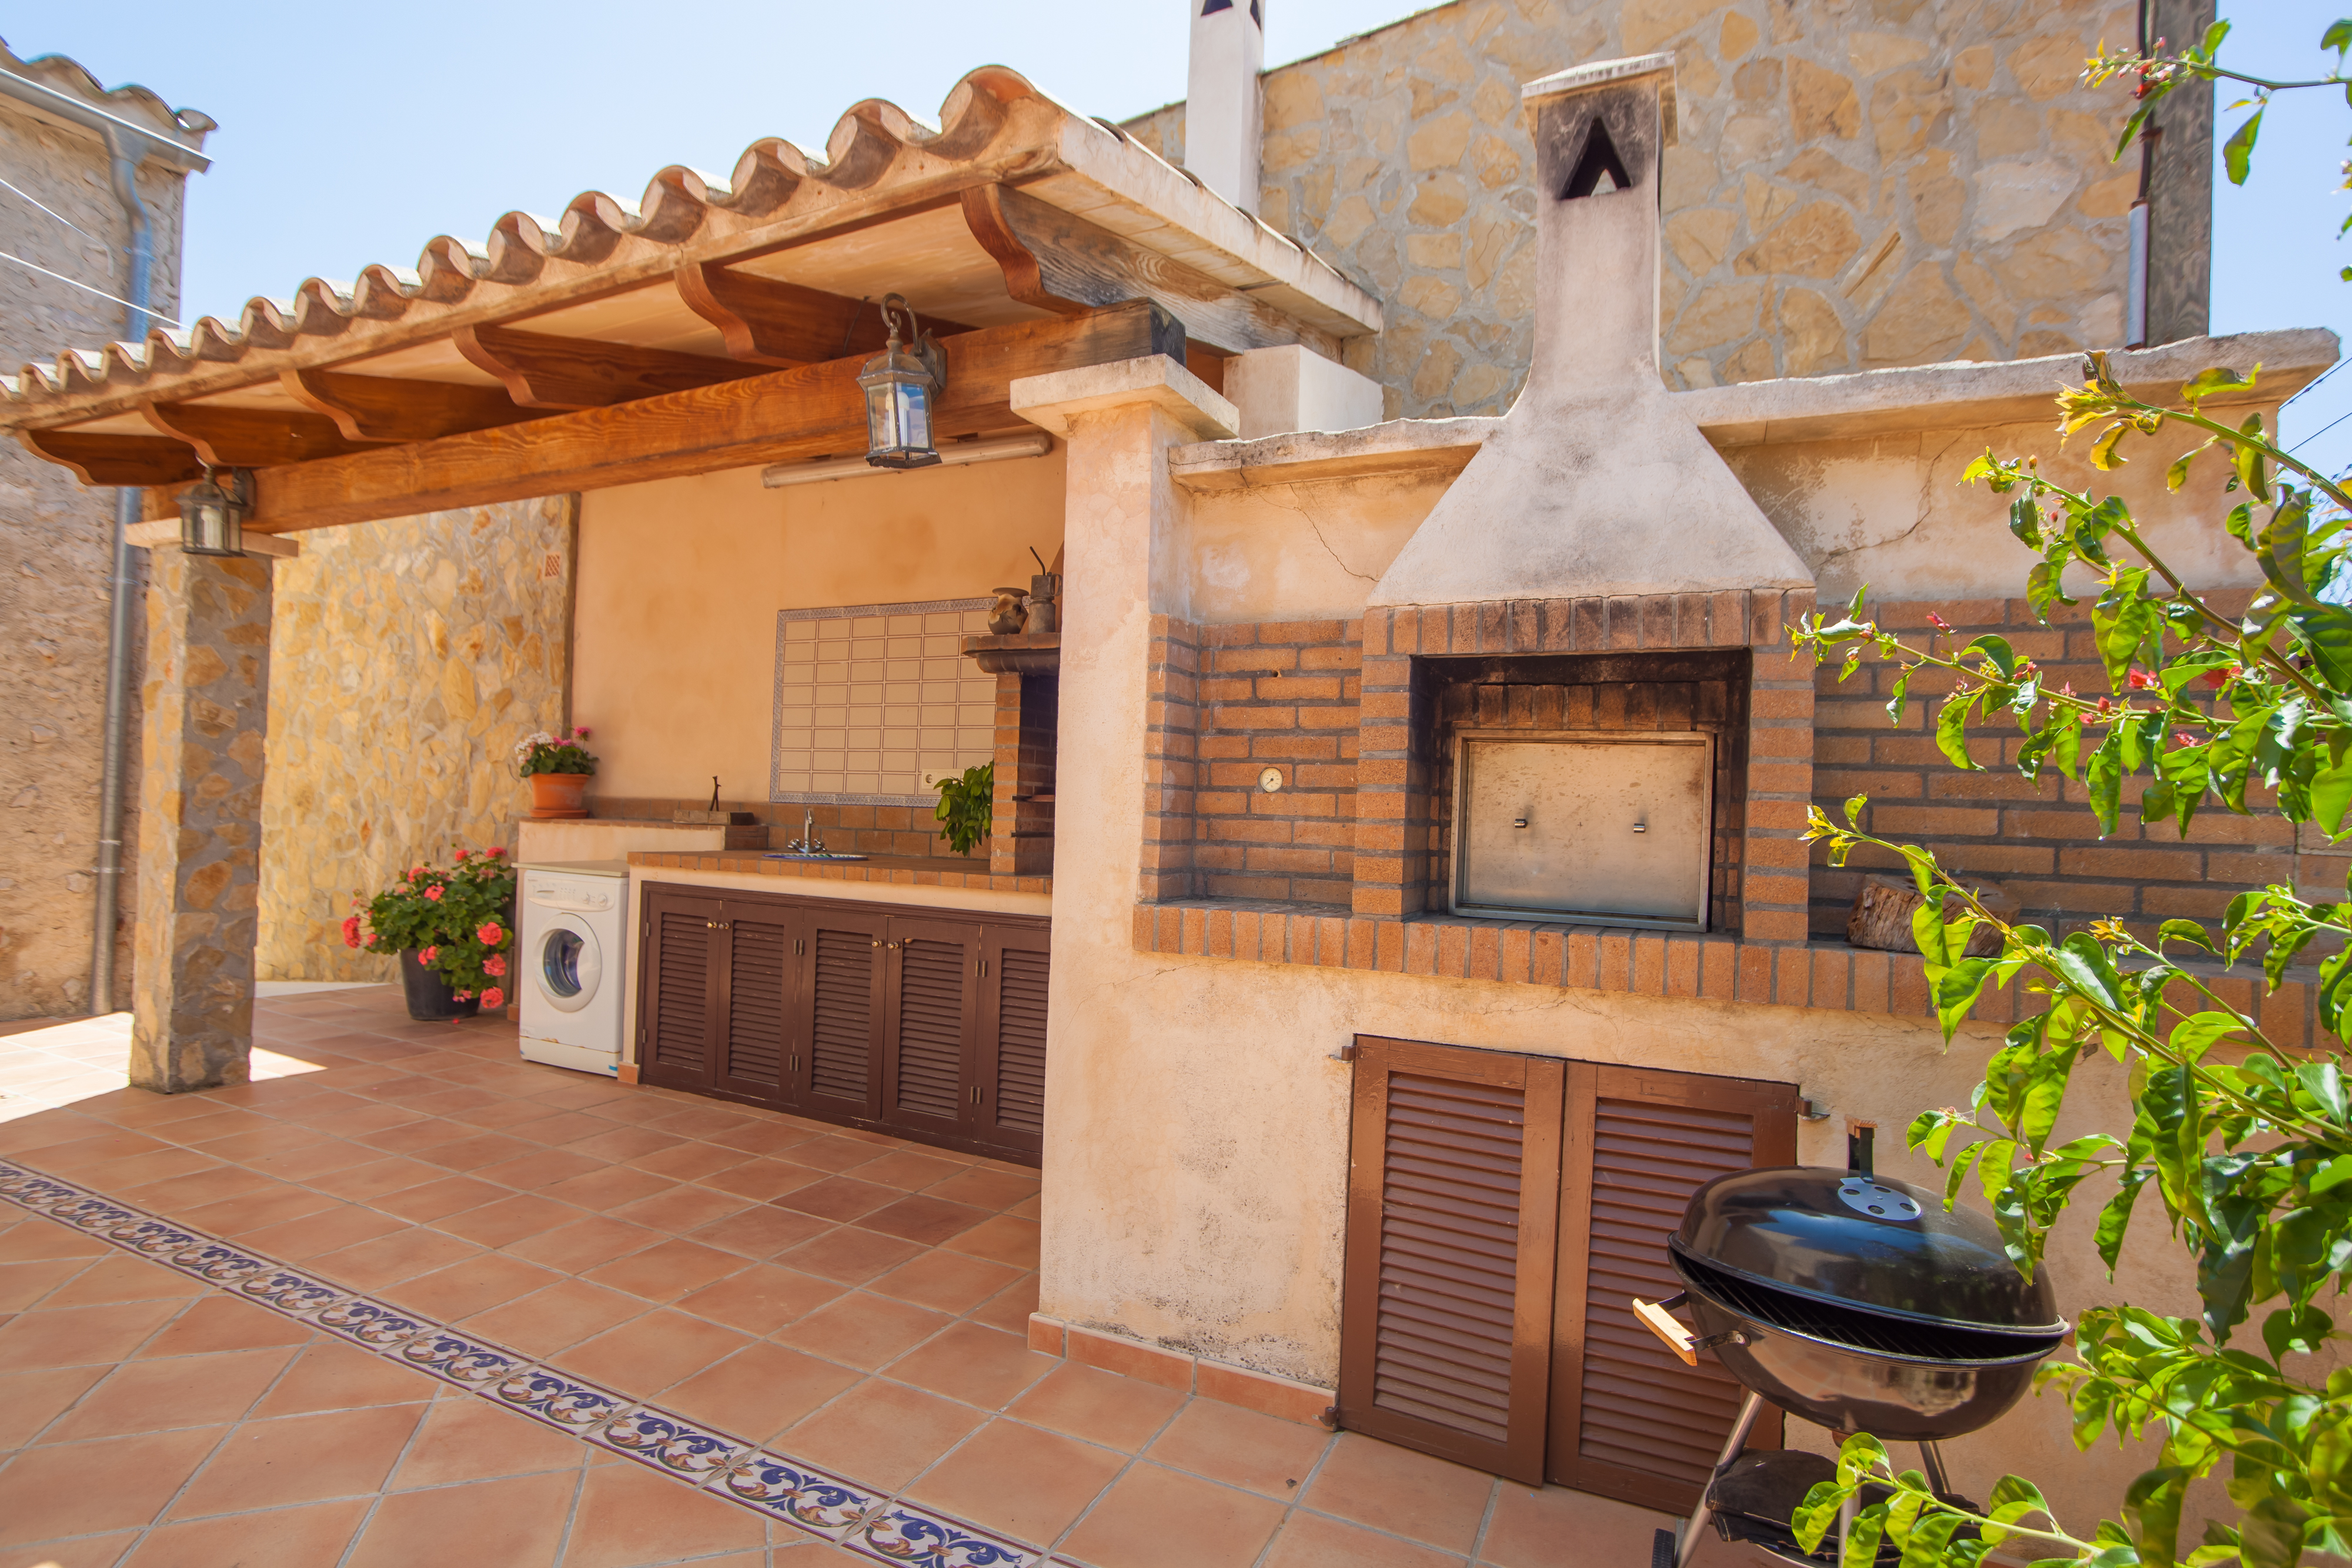 Ferienhaus ES LLORER DE CAS CANAR (1857007), Sencelles, Mallorca, Balearische Inseln, Spanien, Bild 9